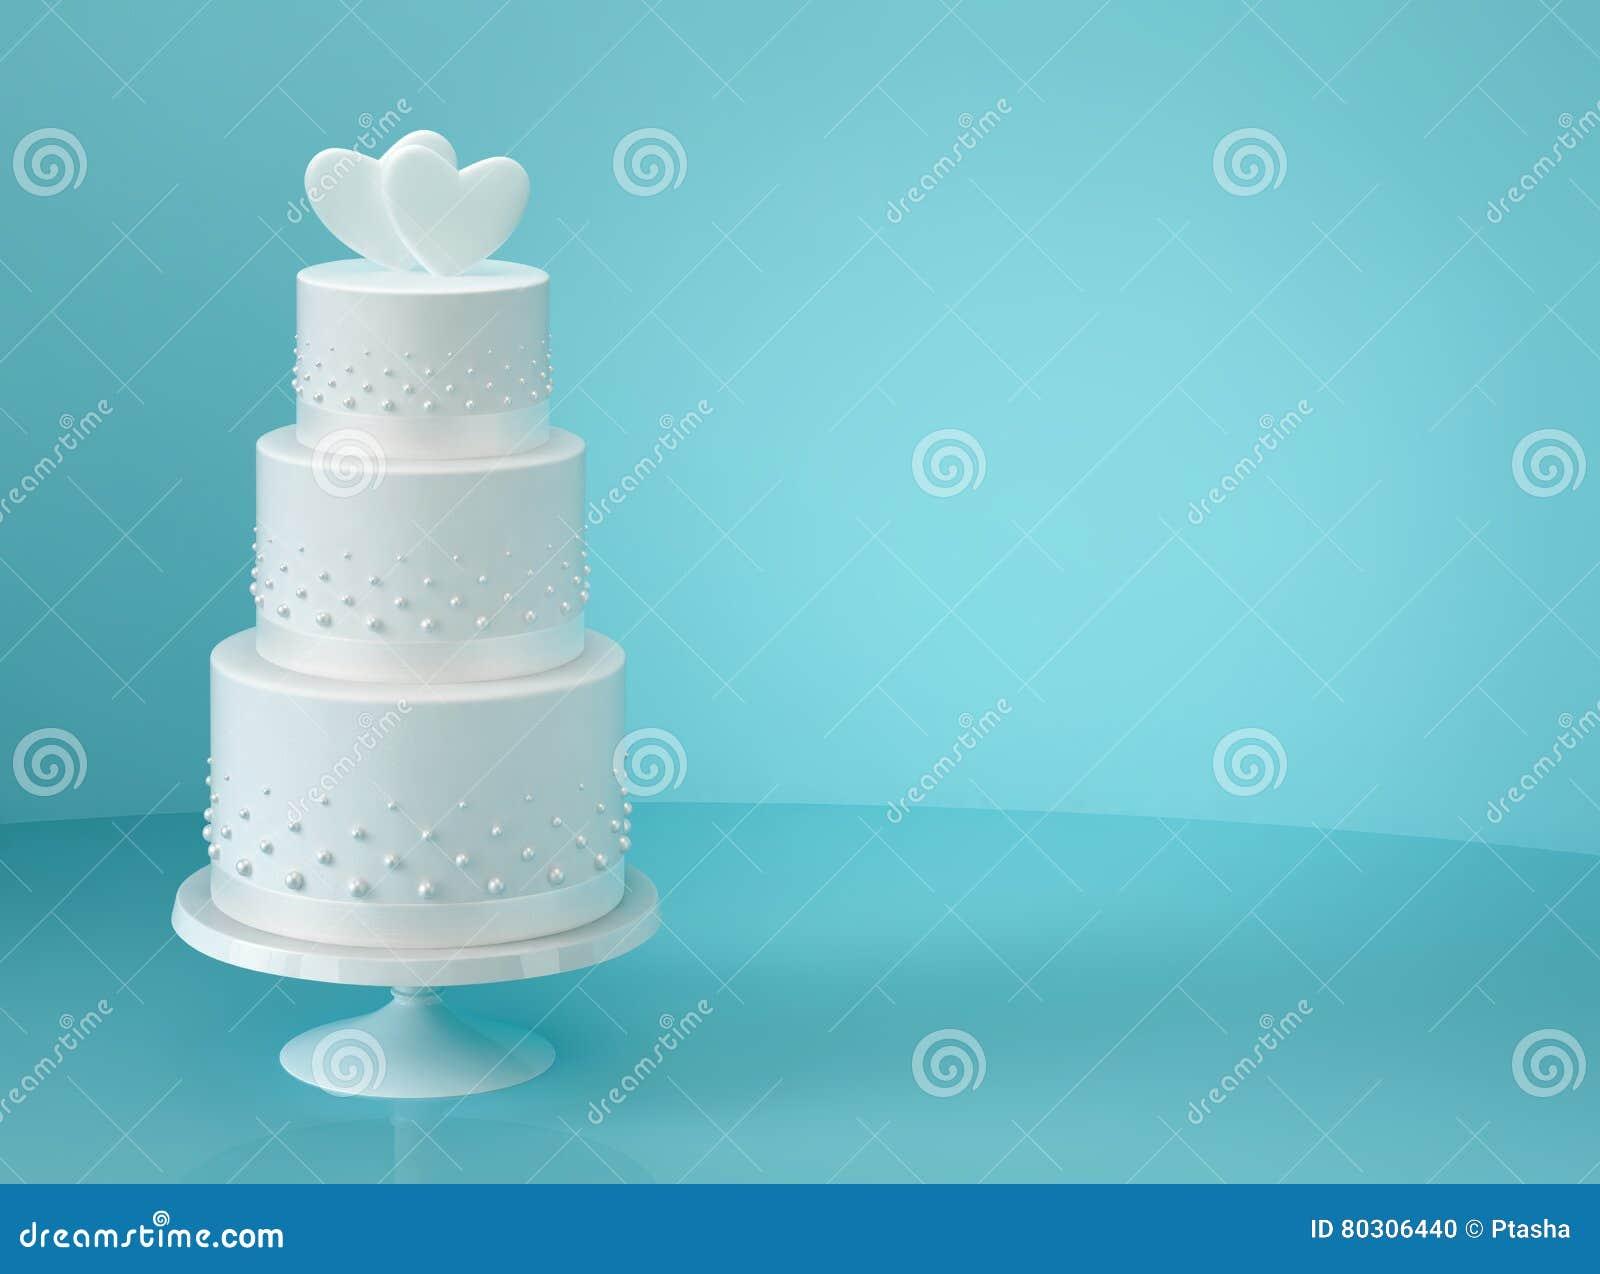 Weisse Hochzeitstorte Mit Zwei Herzen Stock Abbildung Illustration